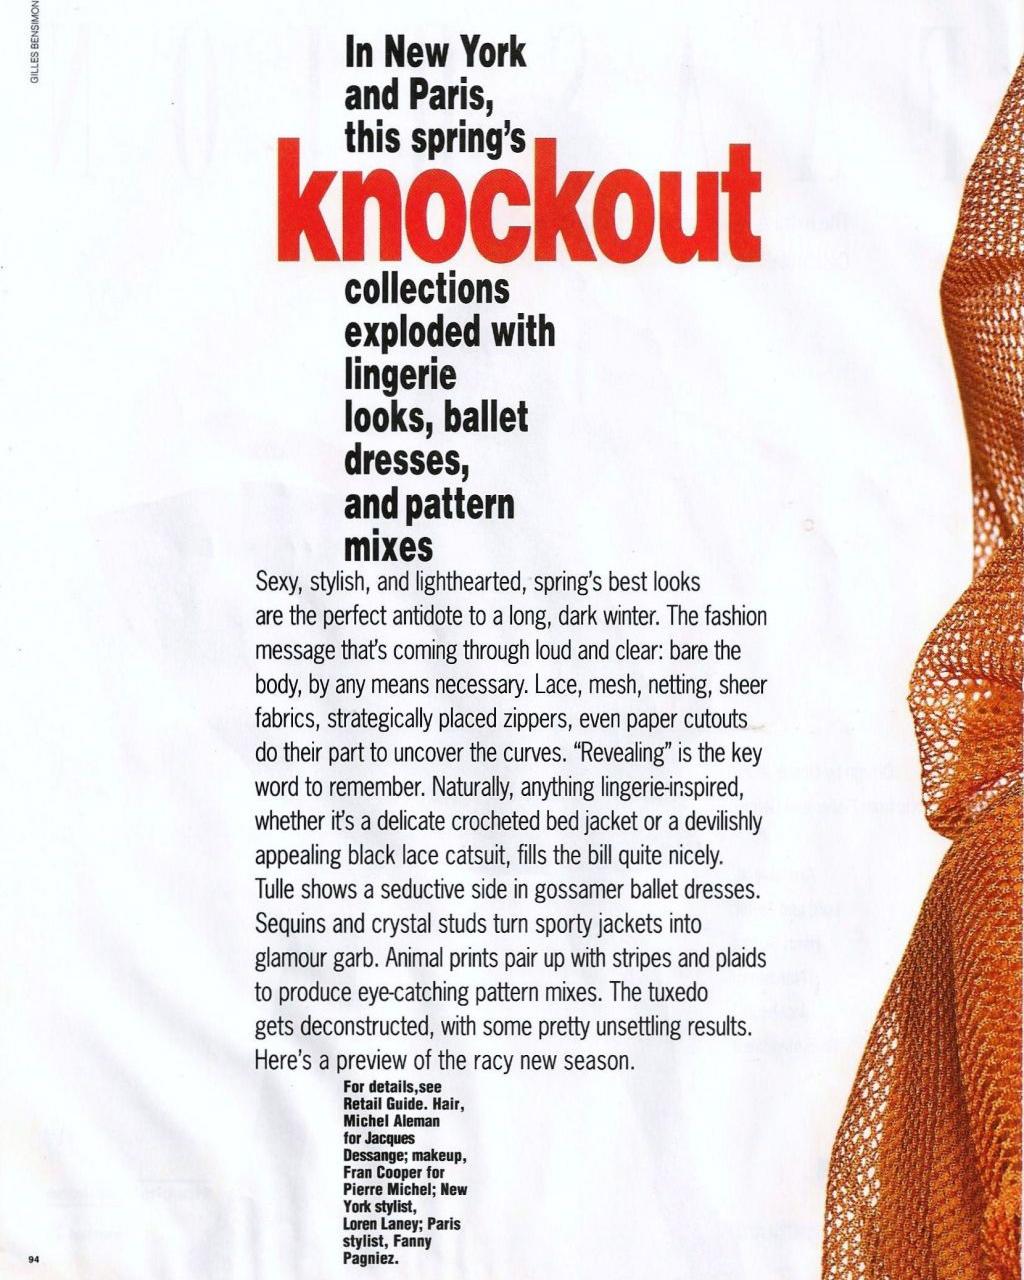 Elle (US) February 1992 | Knockout 01.jpg